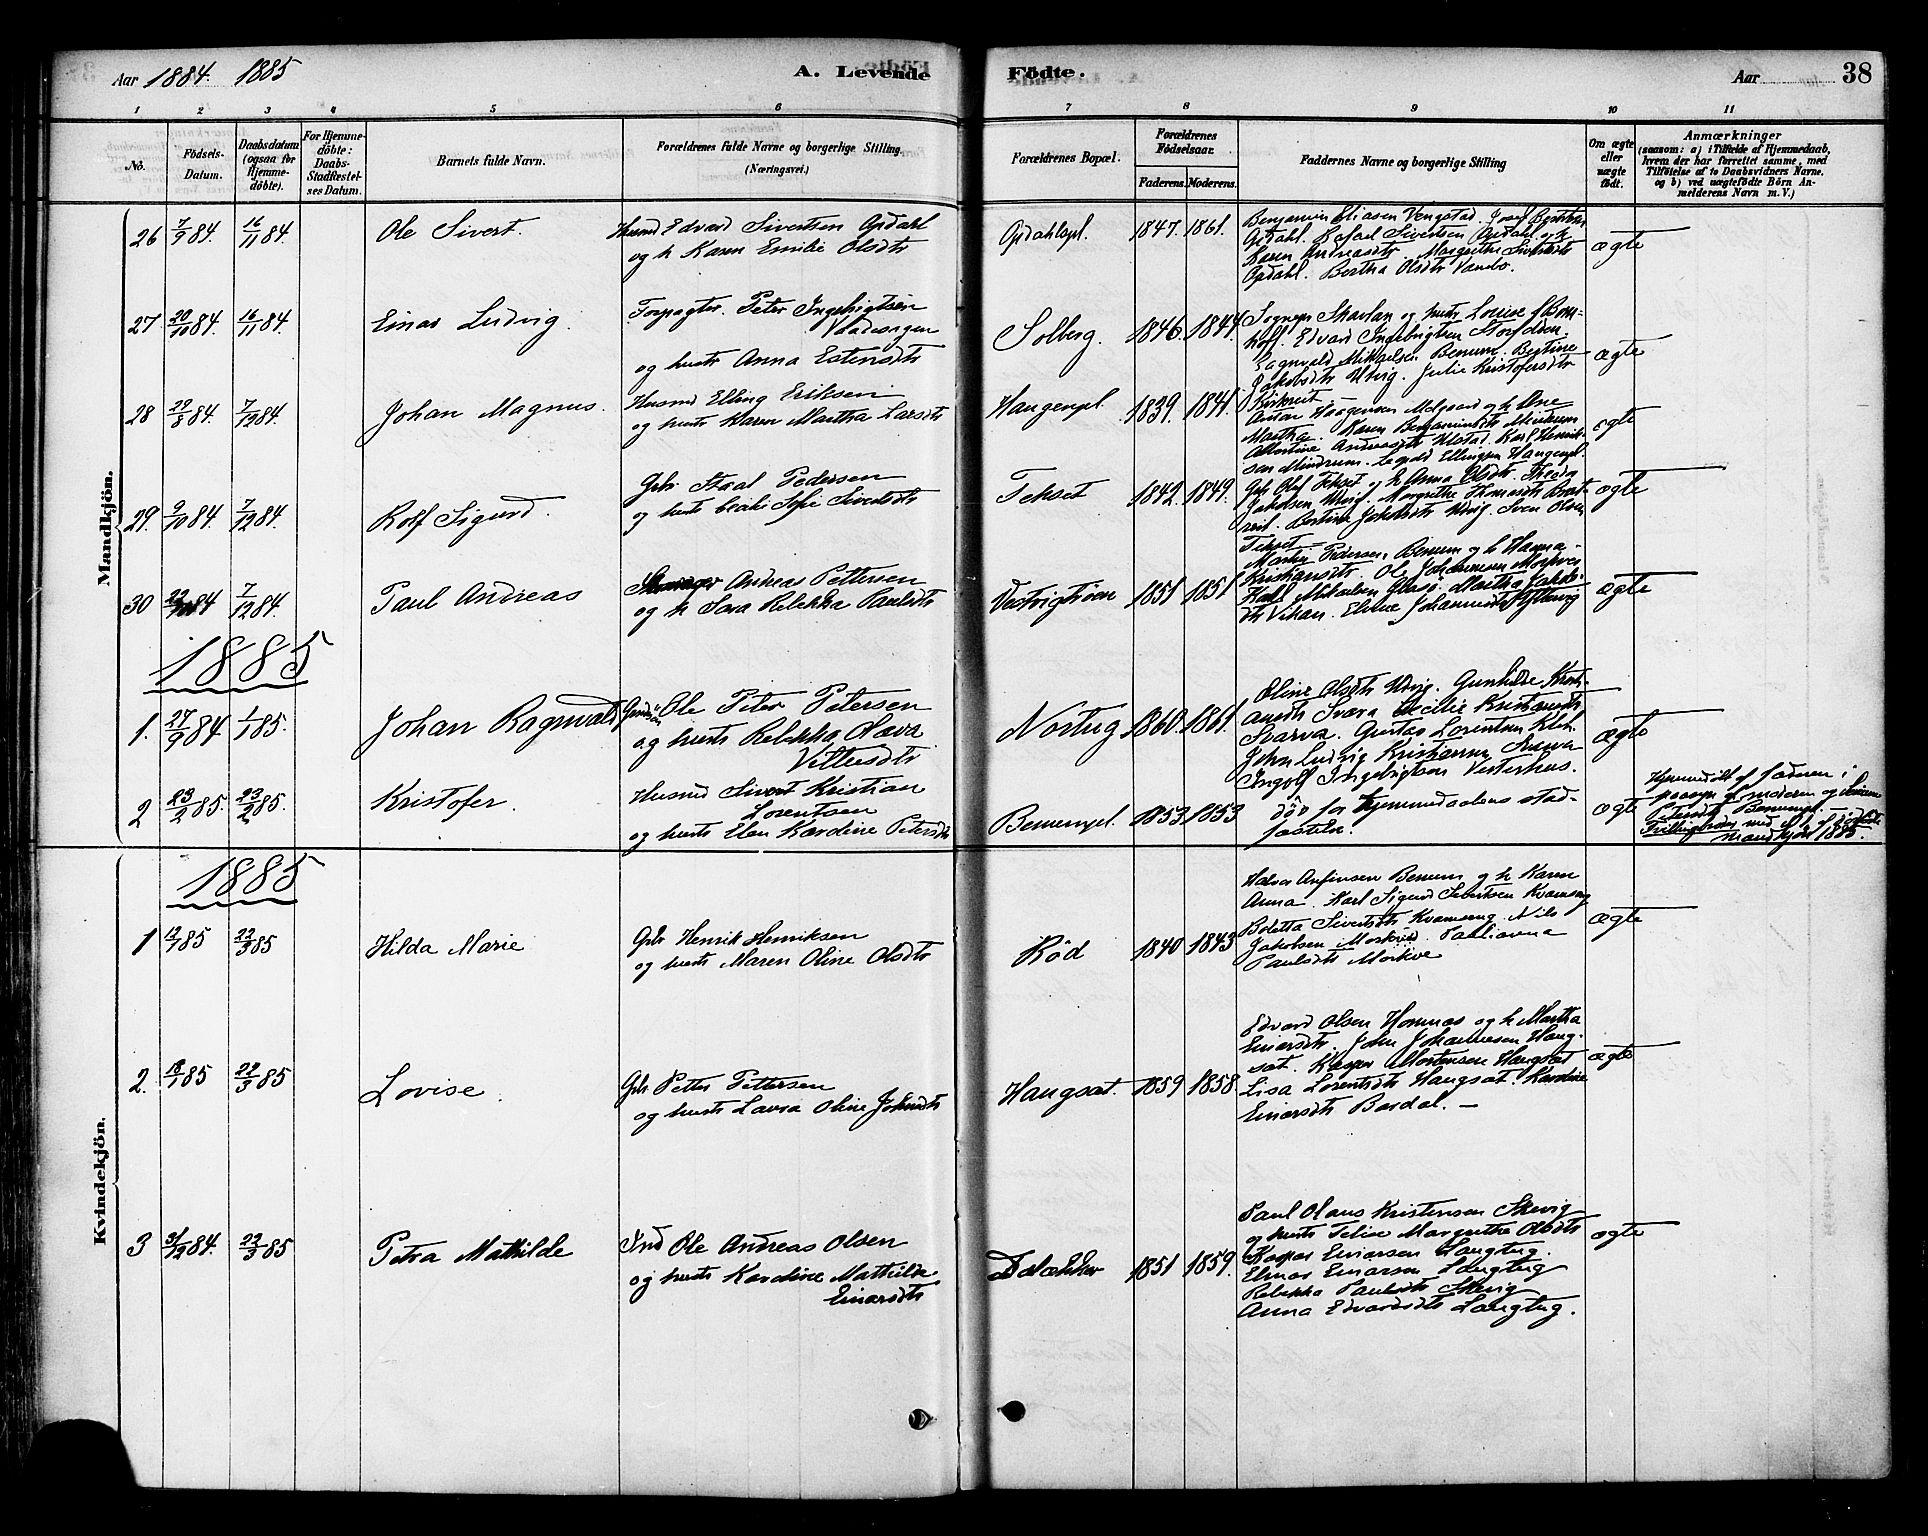 SAT, Ministerialprotokoller, klokkerbøker og fødselsregistre - Nord-Trøndelag, 741/L0395: Ministerialbok nr. 741A09, 1878-1888, s. 38